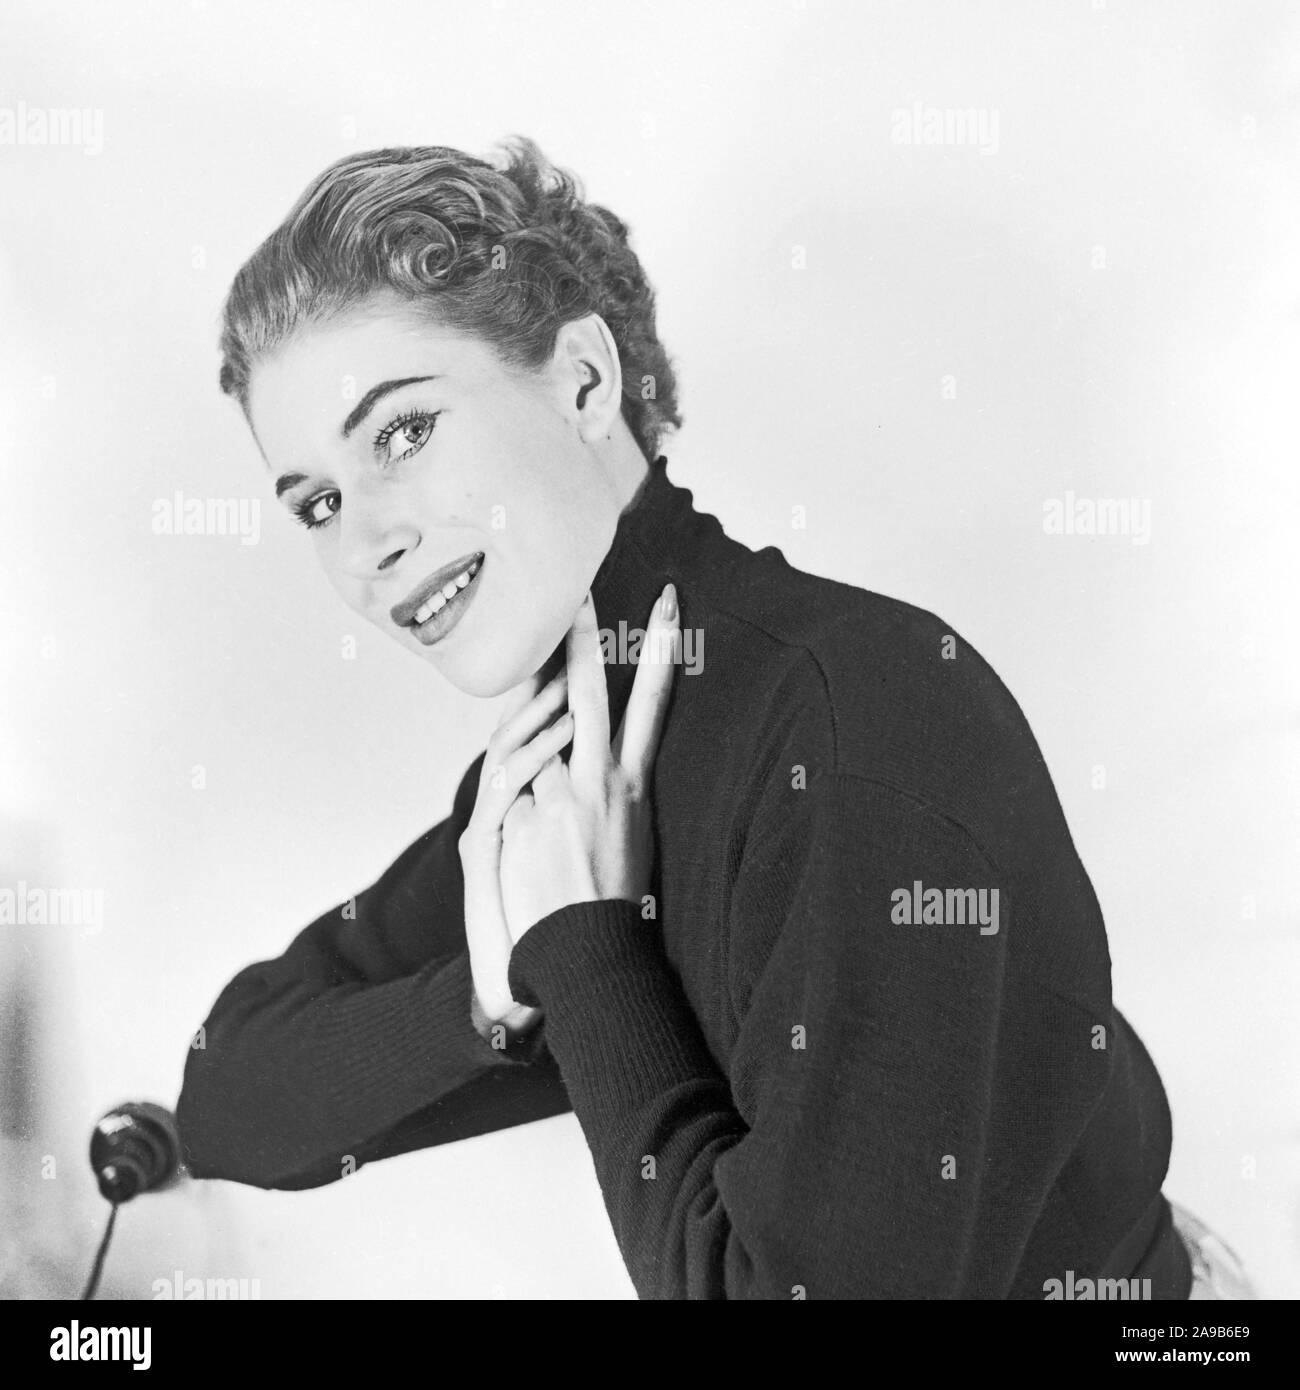 Una joven mujer posando para el fotógrafo, Alemania 1958 Foto de stock